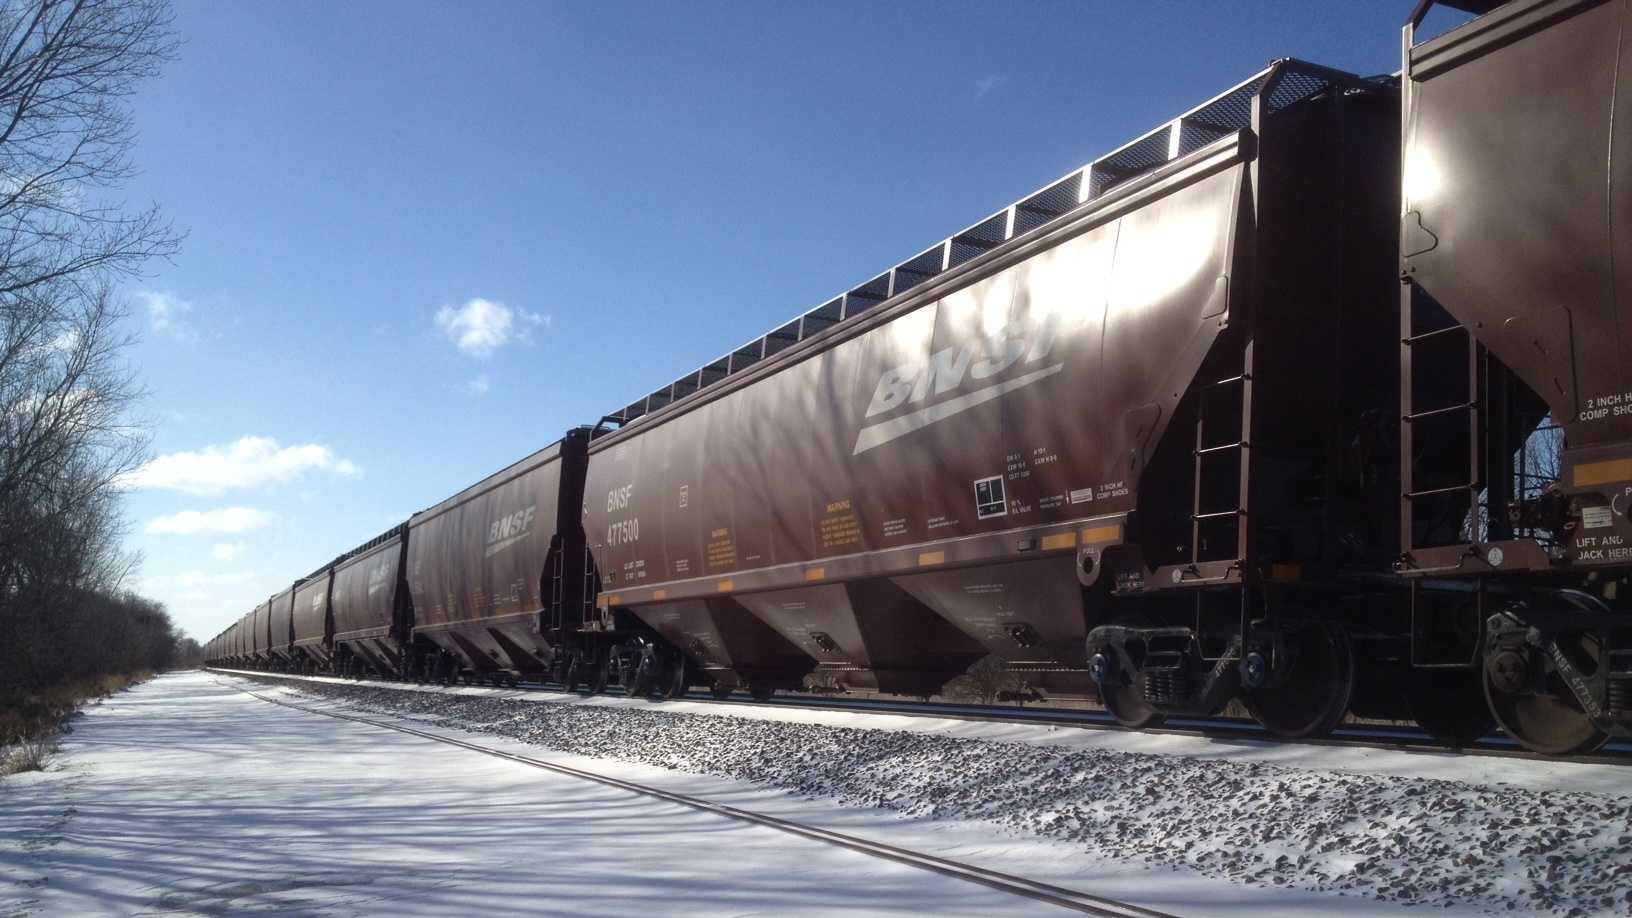 train-ped.JPG